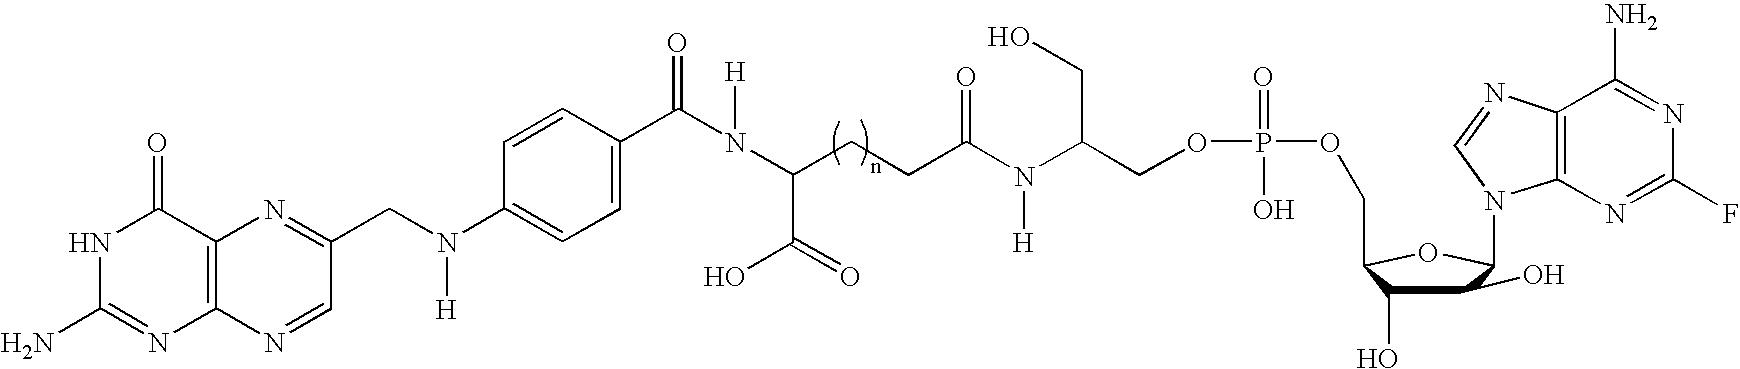 Figure US07858625-20101228-C00025